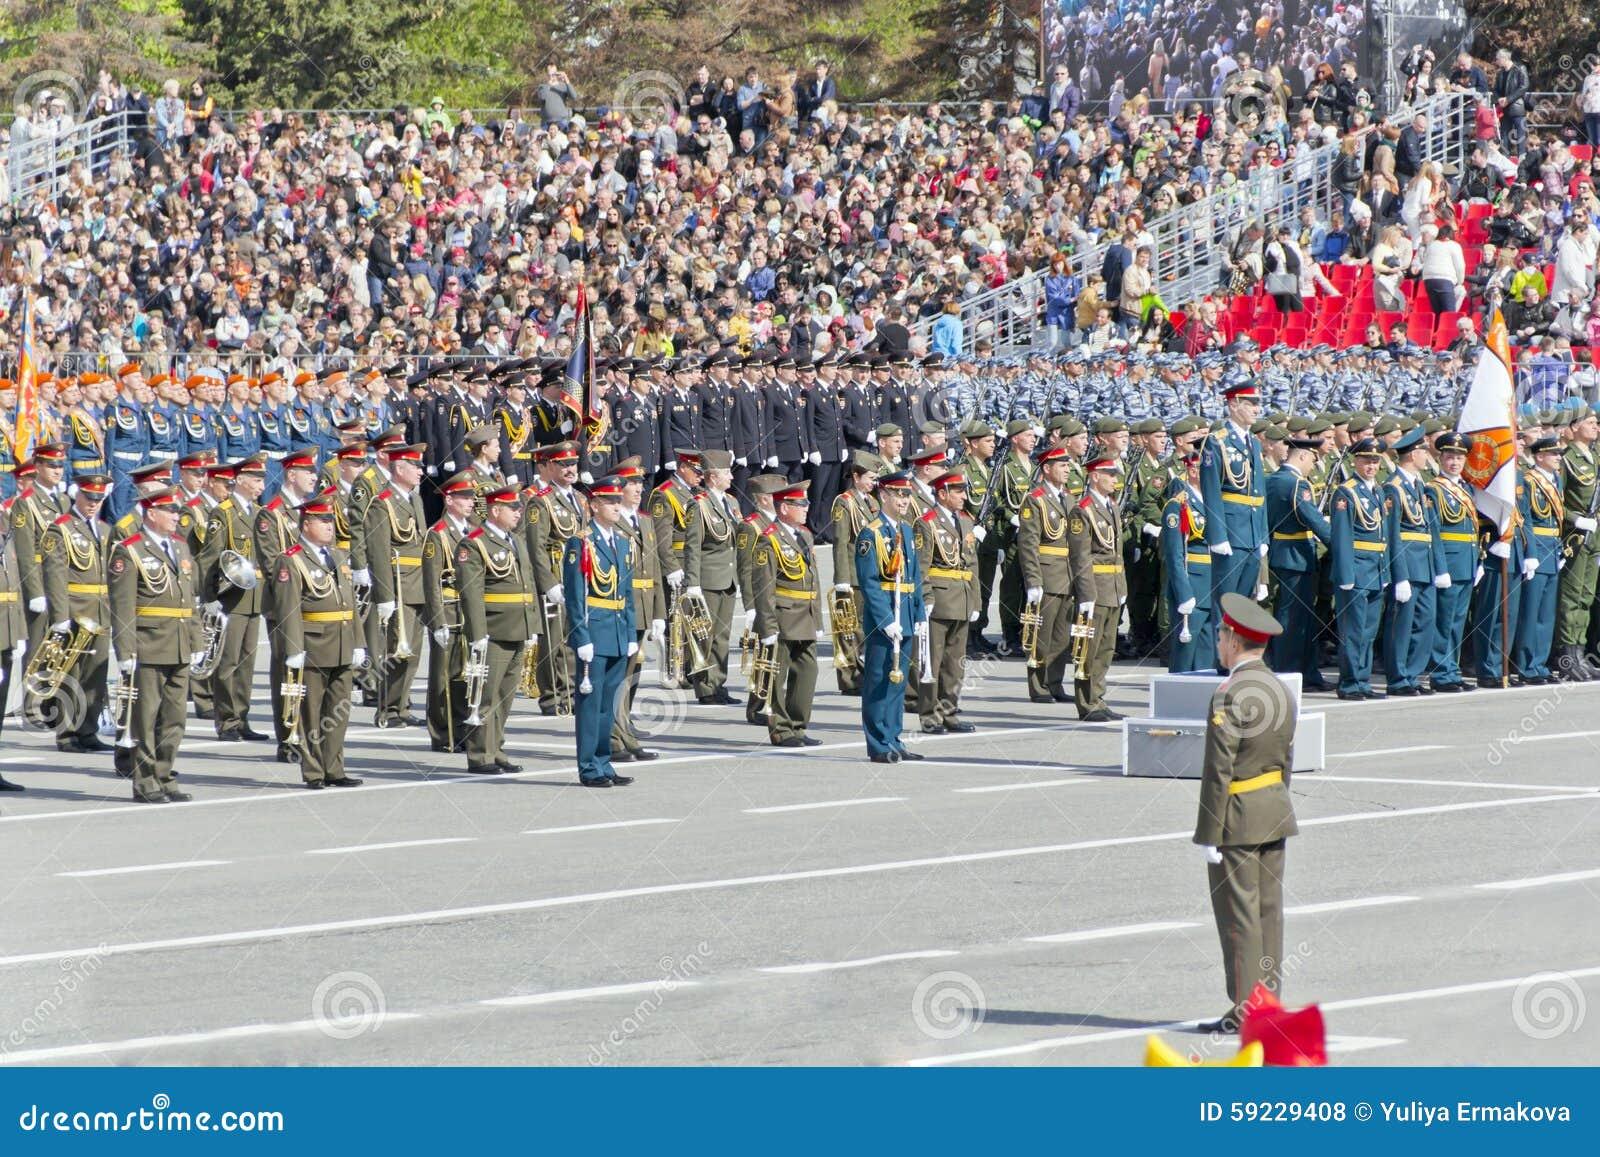 Download Ceremonia Rusa Del Desfile Militar De La Abertura En Vencedor Anual Foto de archivo editorial - Imagen de abierto, ejército: 59229408